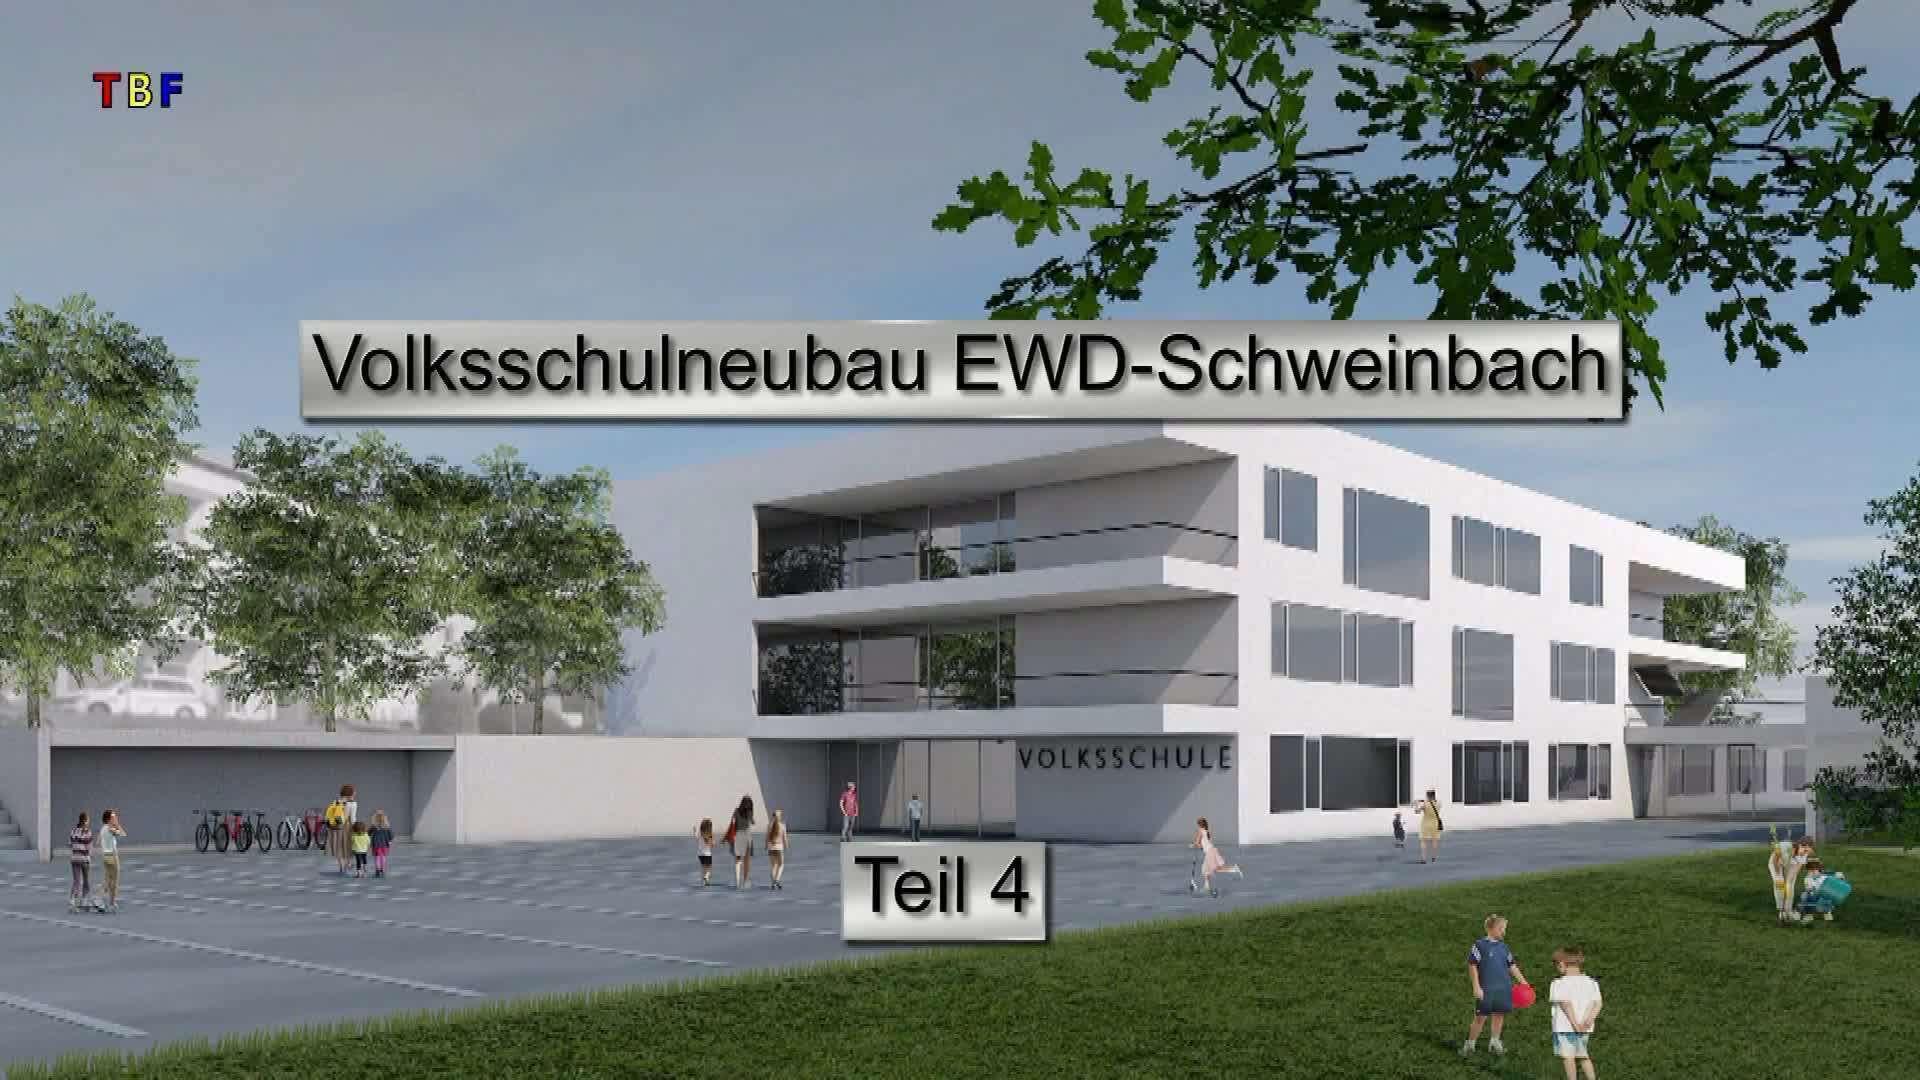 Volksschulneubau EWD-Schweinbach Teil 4